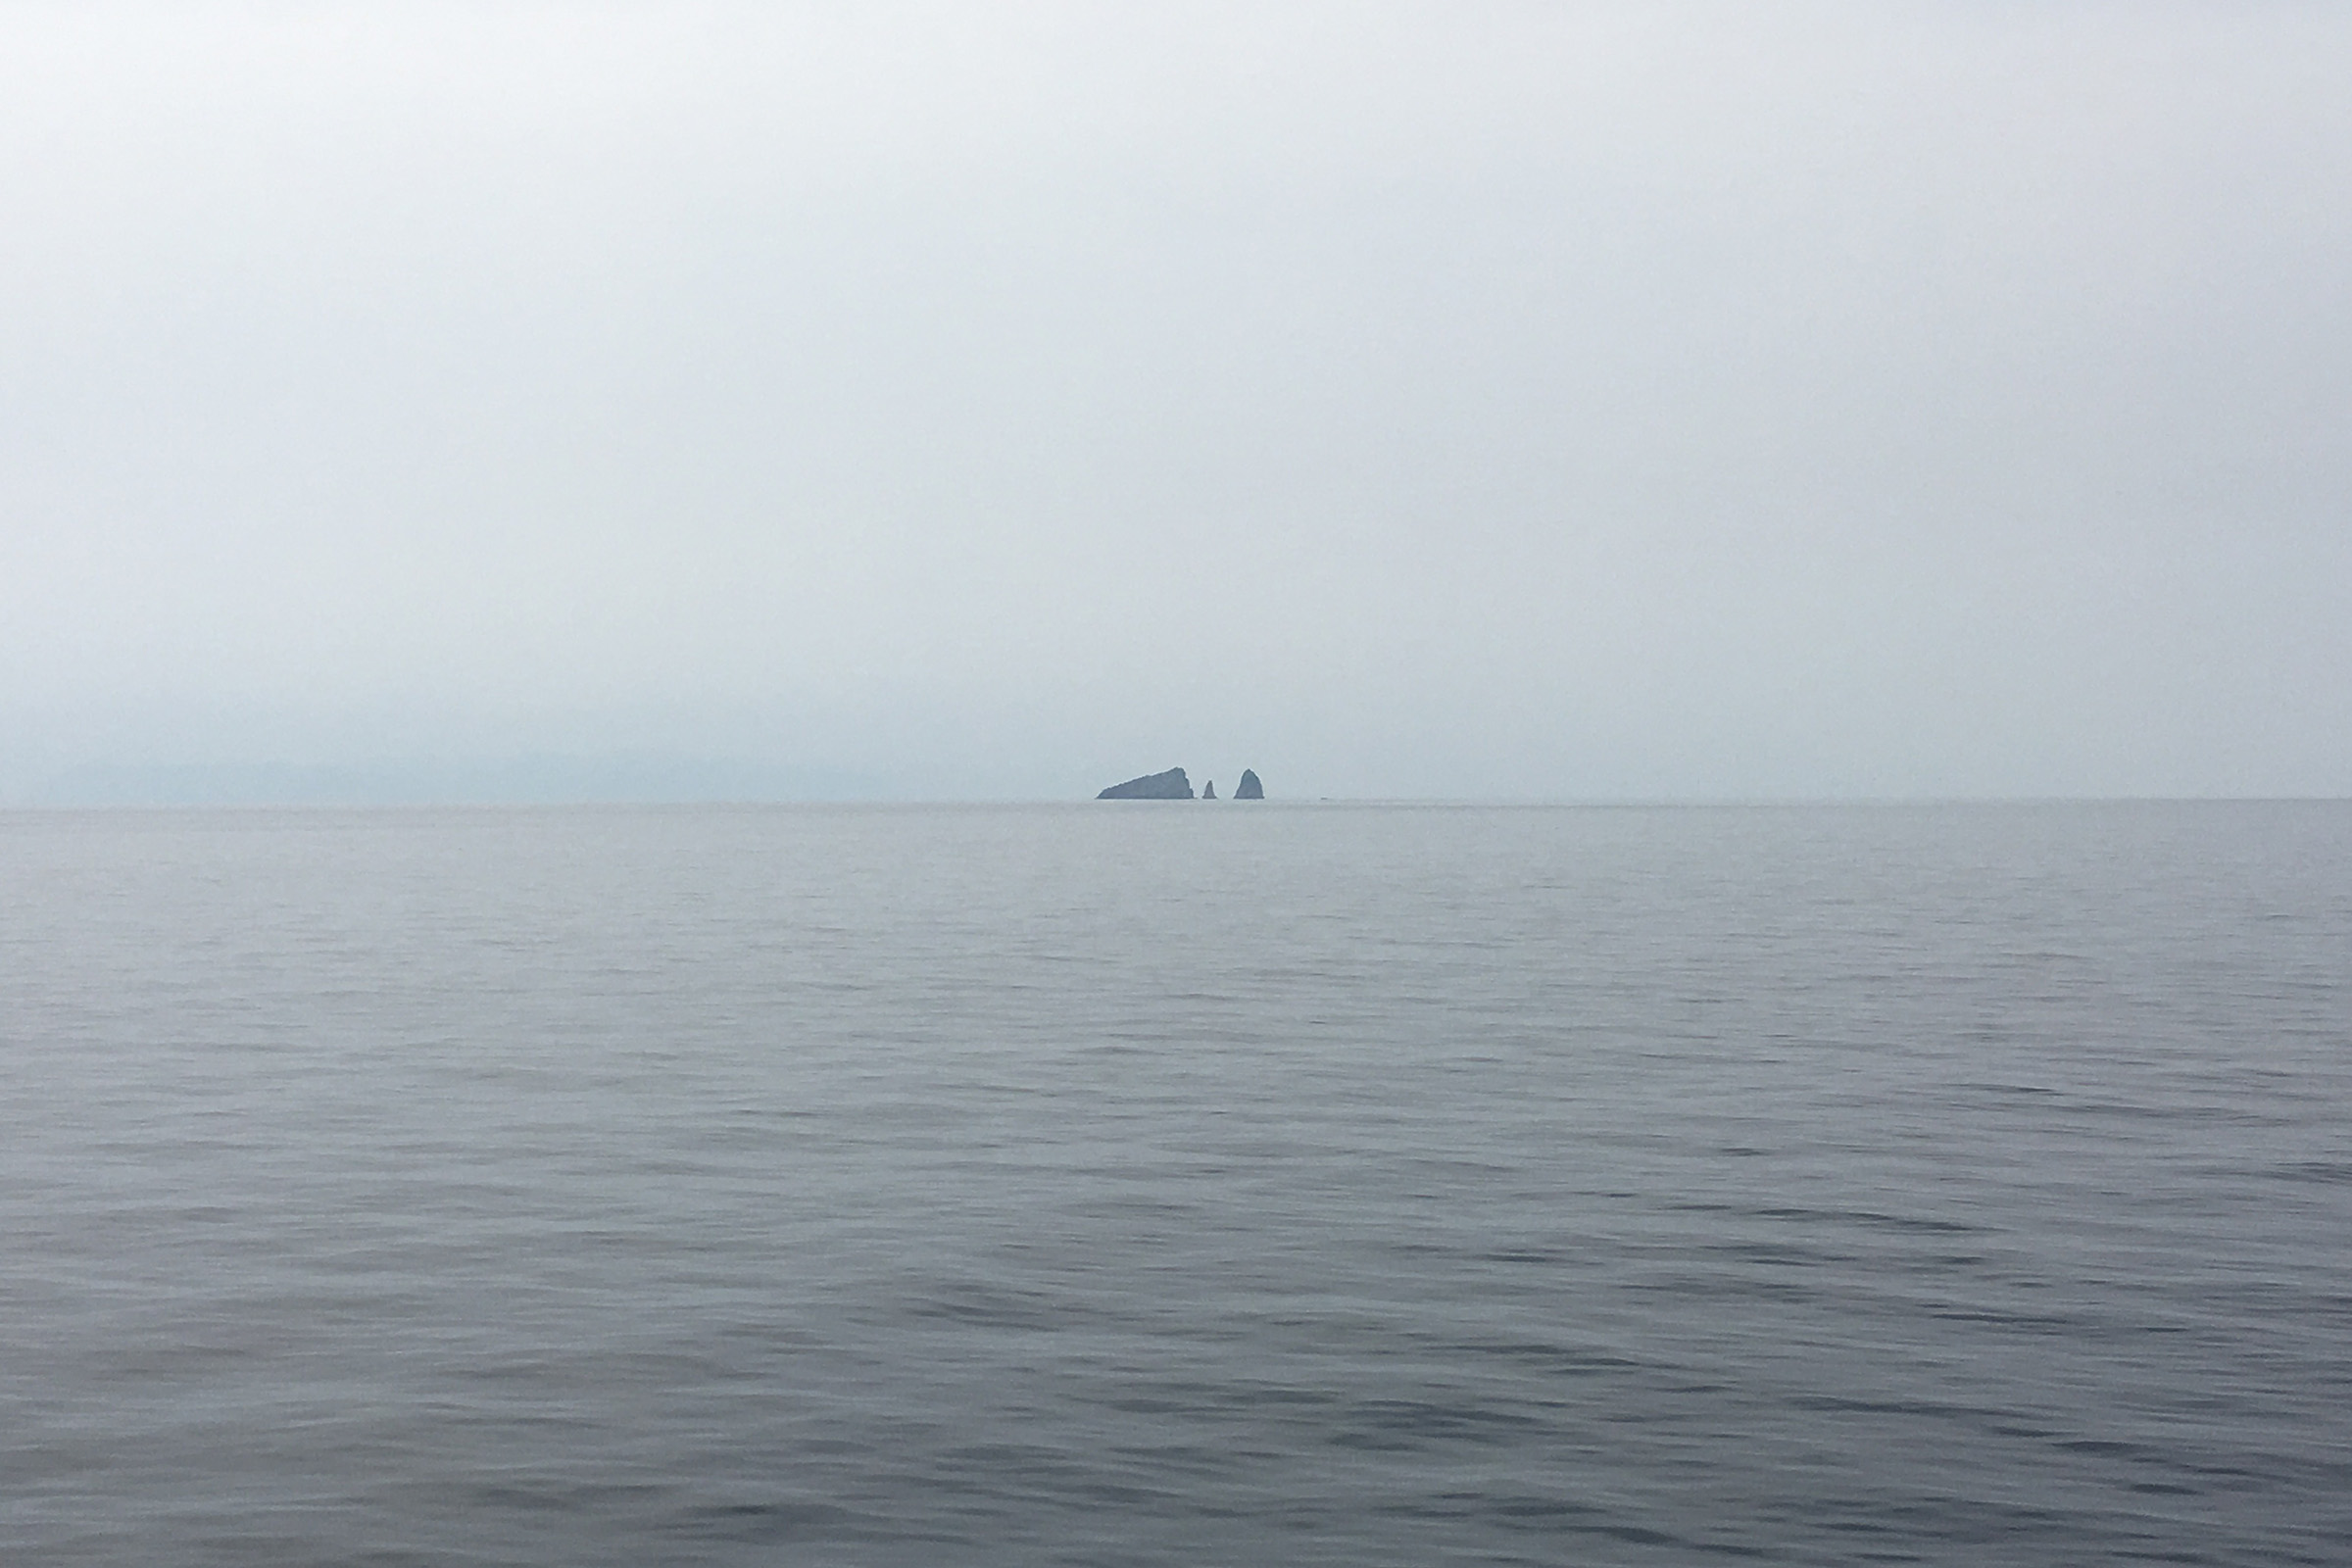 ダイヤモンドプリンセスから見た島?